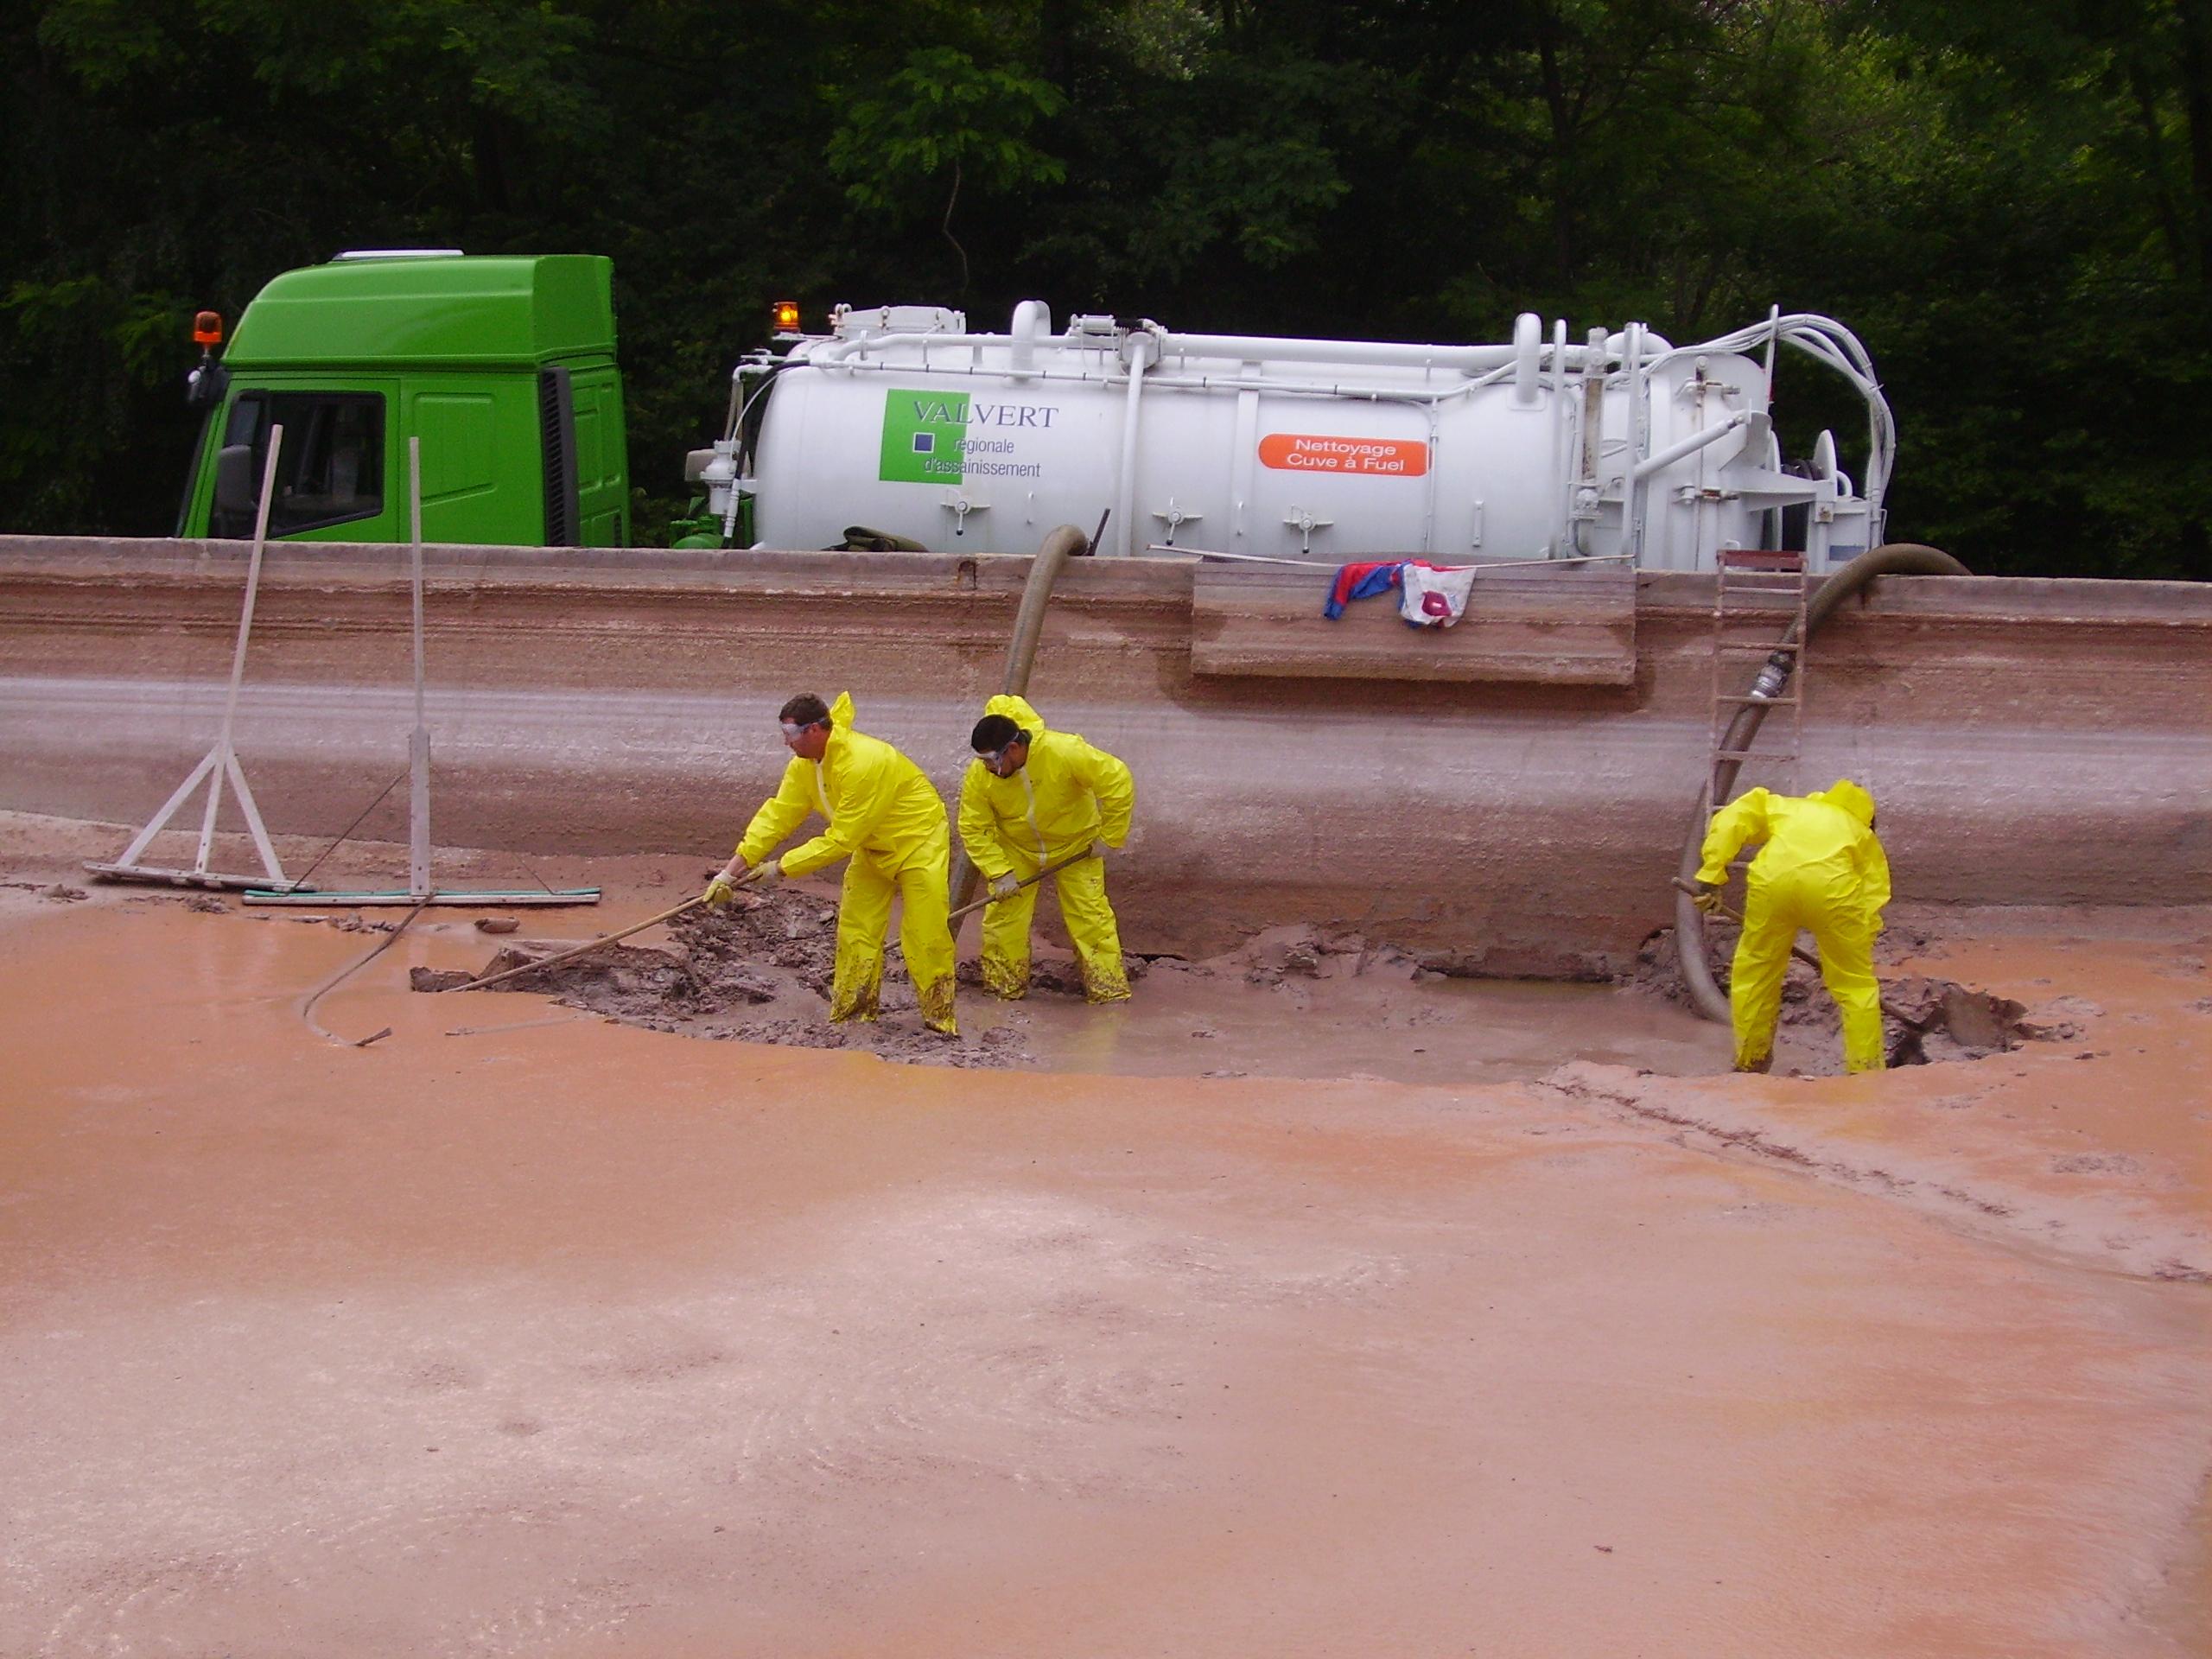 Nettoyage industriel et collecte de d chets en aubergne et rh ne alpes - Bassin de jardin nettoyage ...